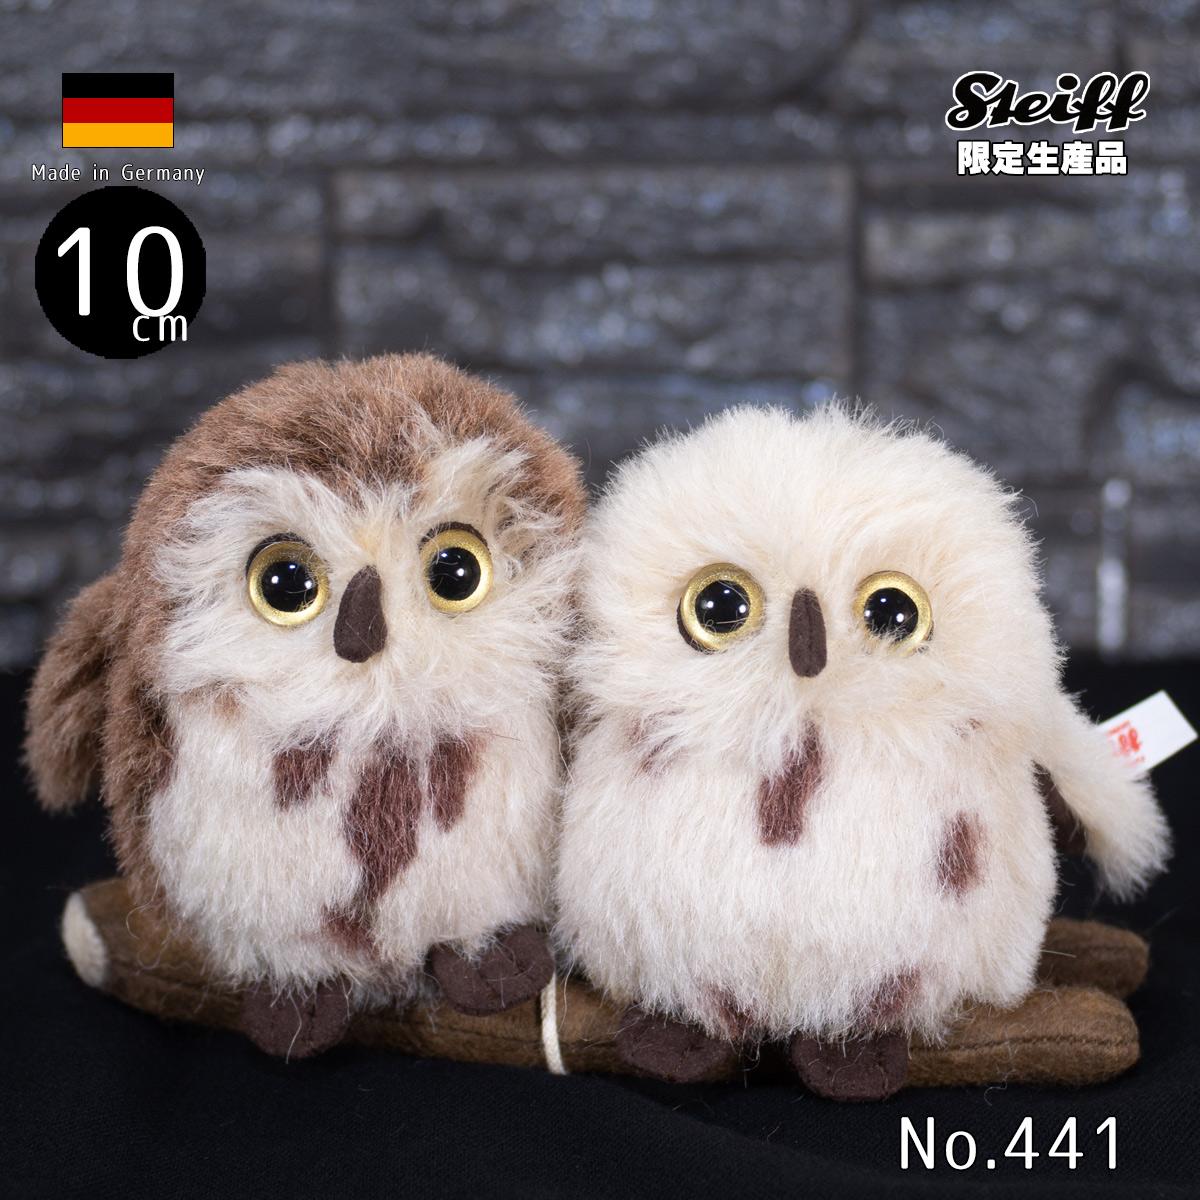 シュタイフ社のテディベア シュタイフ(steiff) 世界限定アルパカ ふくろうセット 10cm Steiff Owl set プレゼント